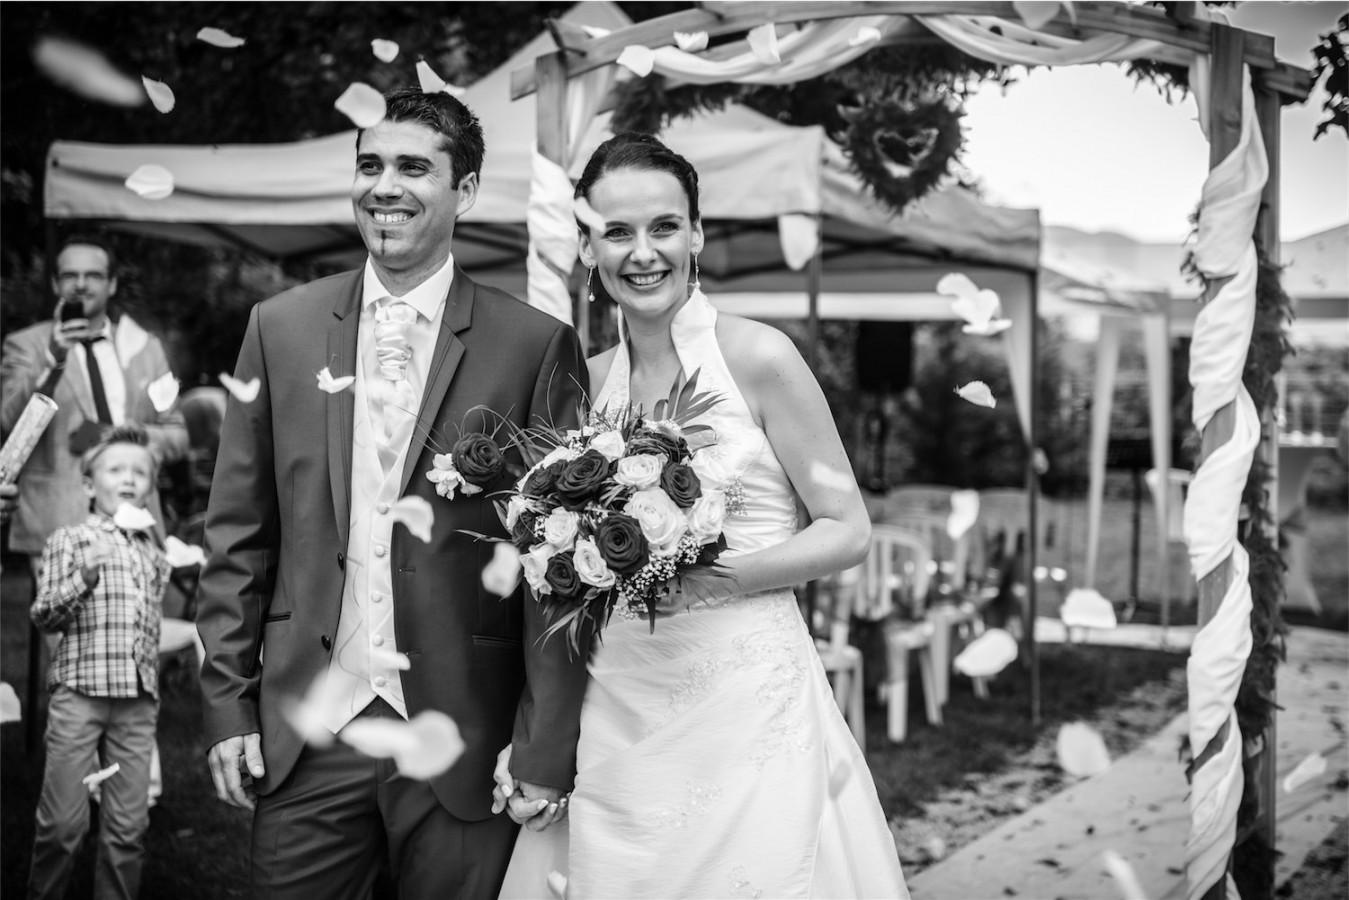 Sortie des mariés Photographe mariage grenoble Isere Marie-Cat